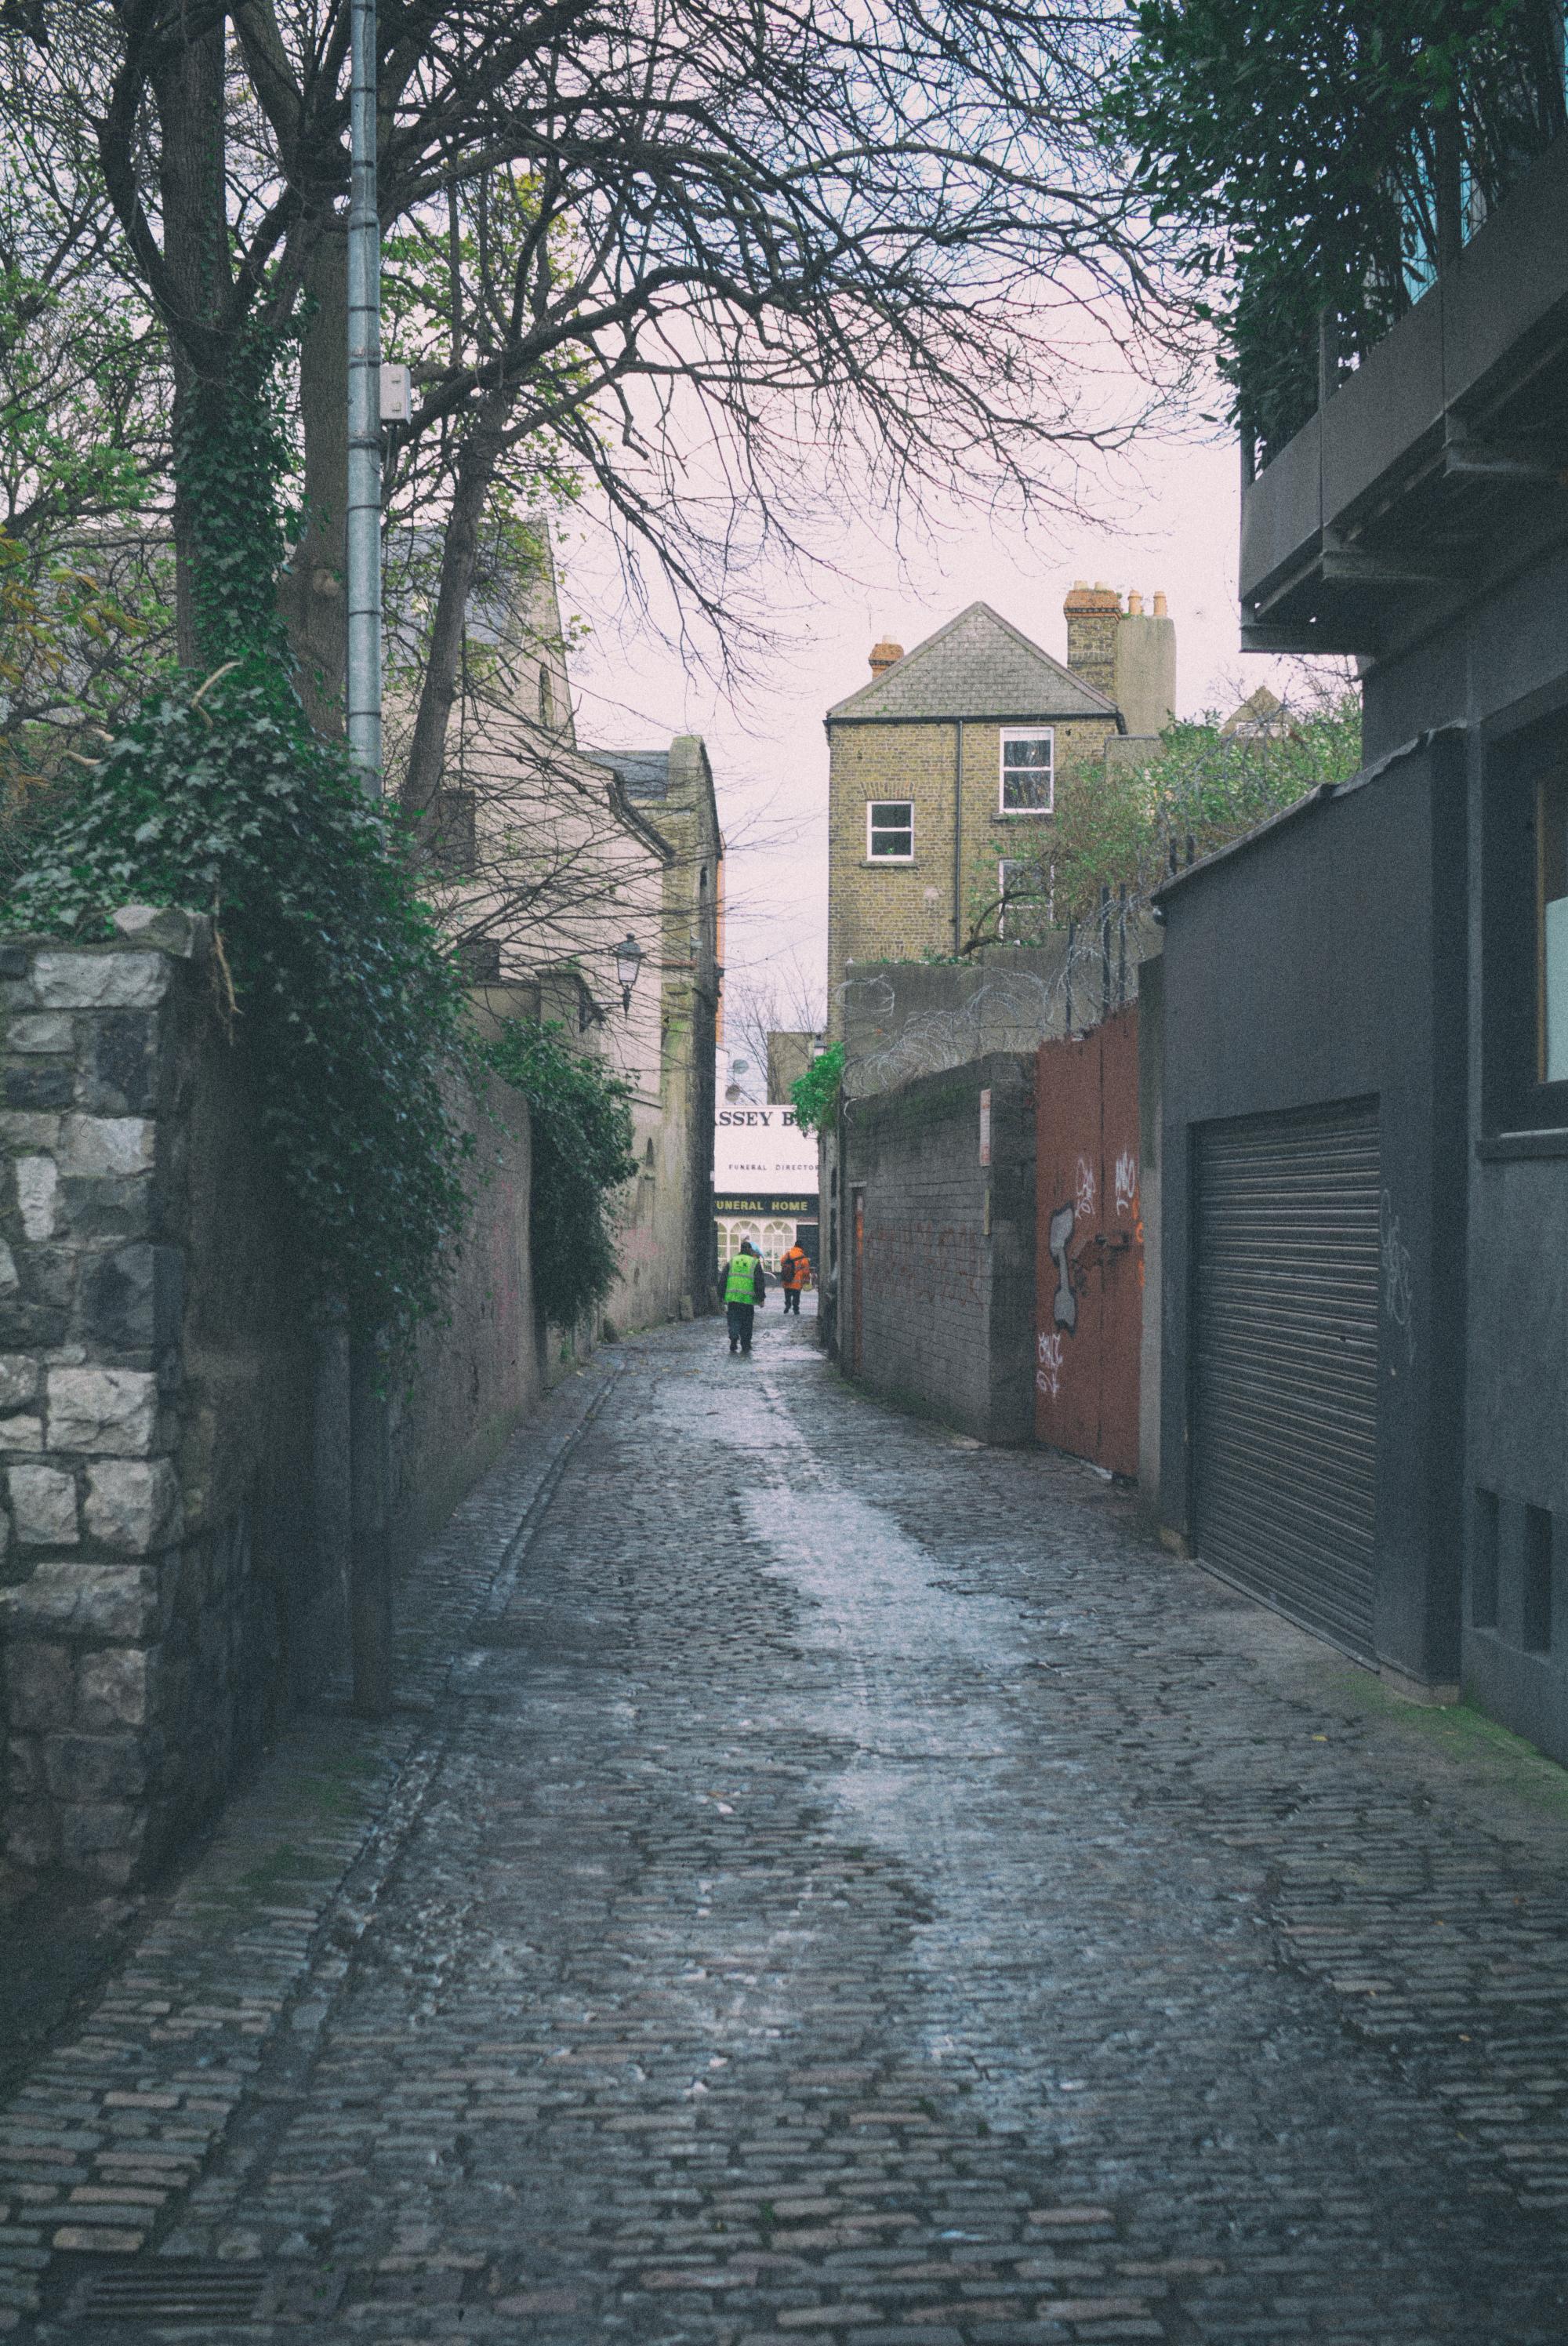 St. Catherine's Lane